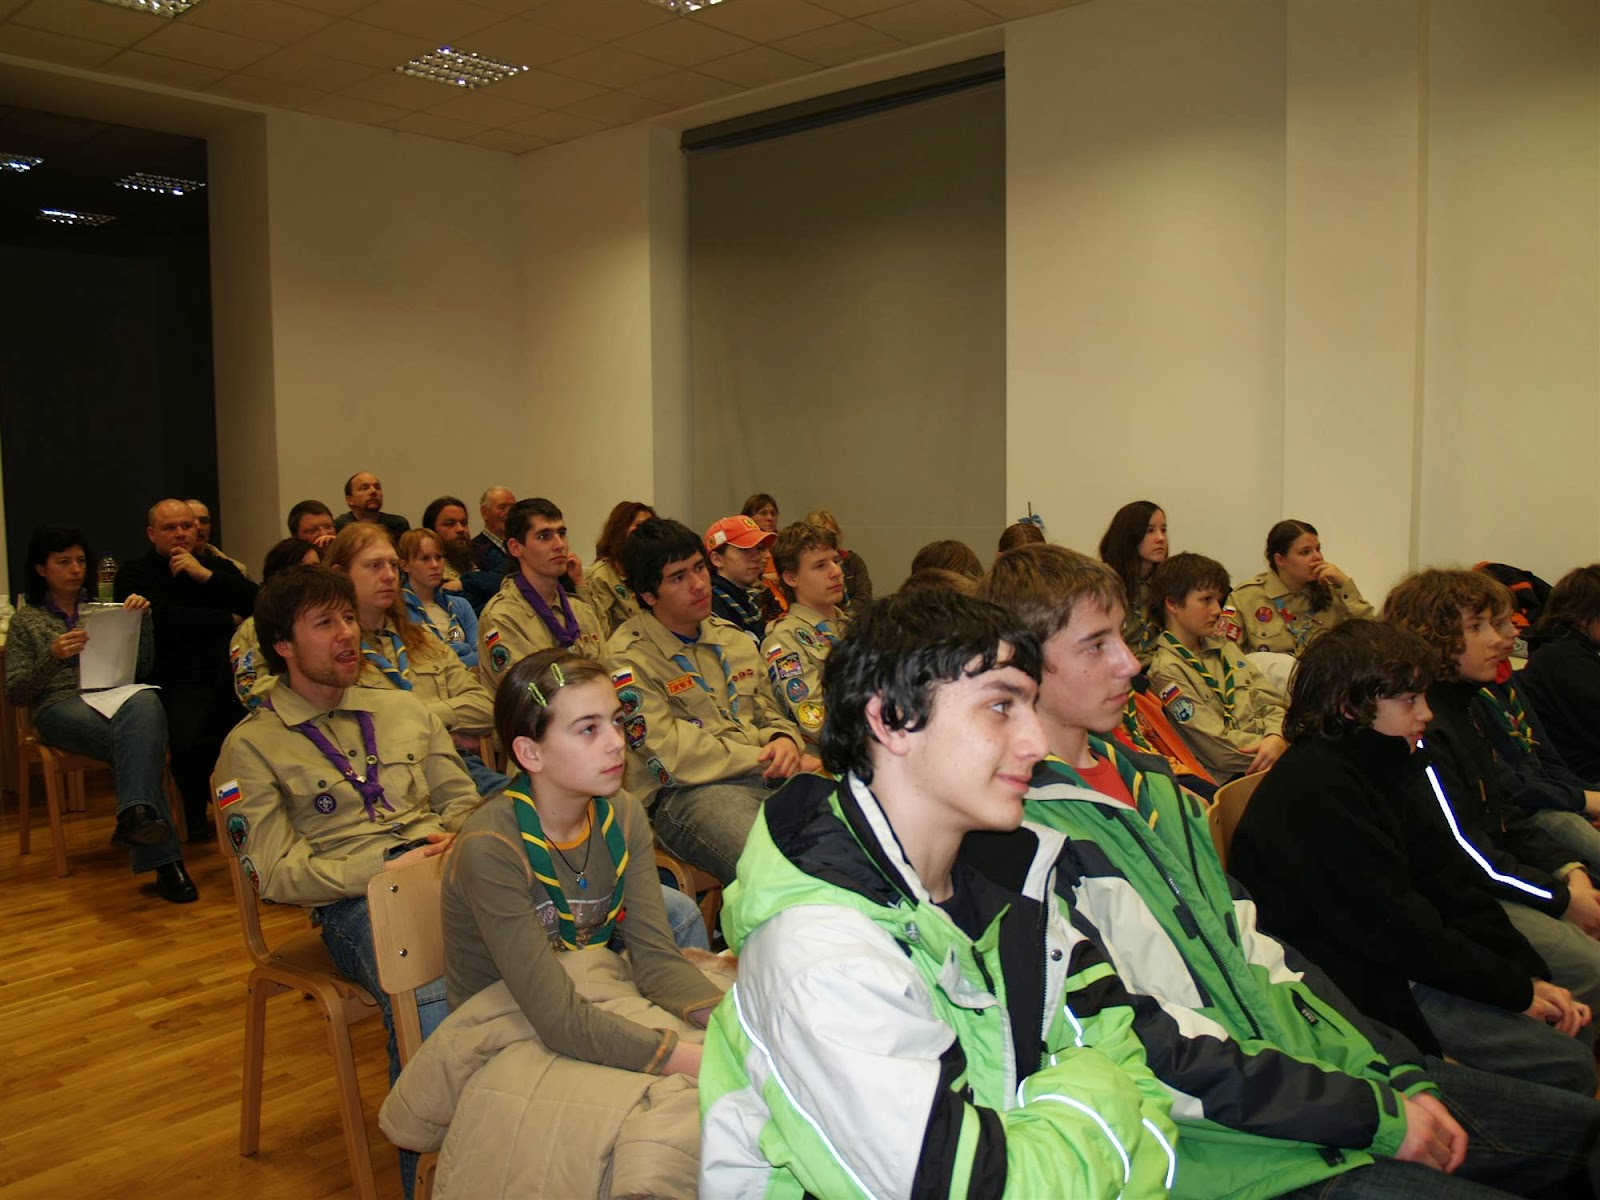 Občni zbor, Ilirska Bistrica 2007 - P0025540.JPG